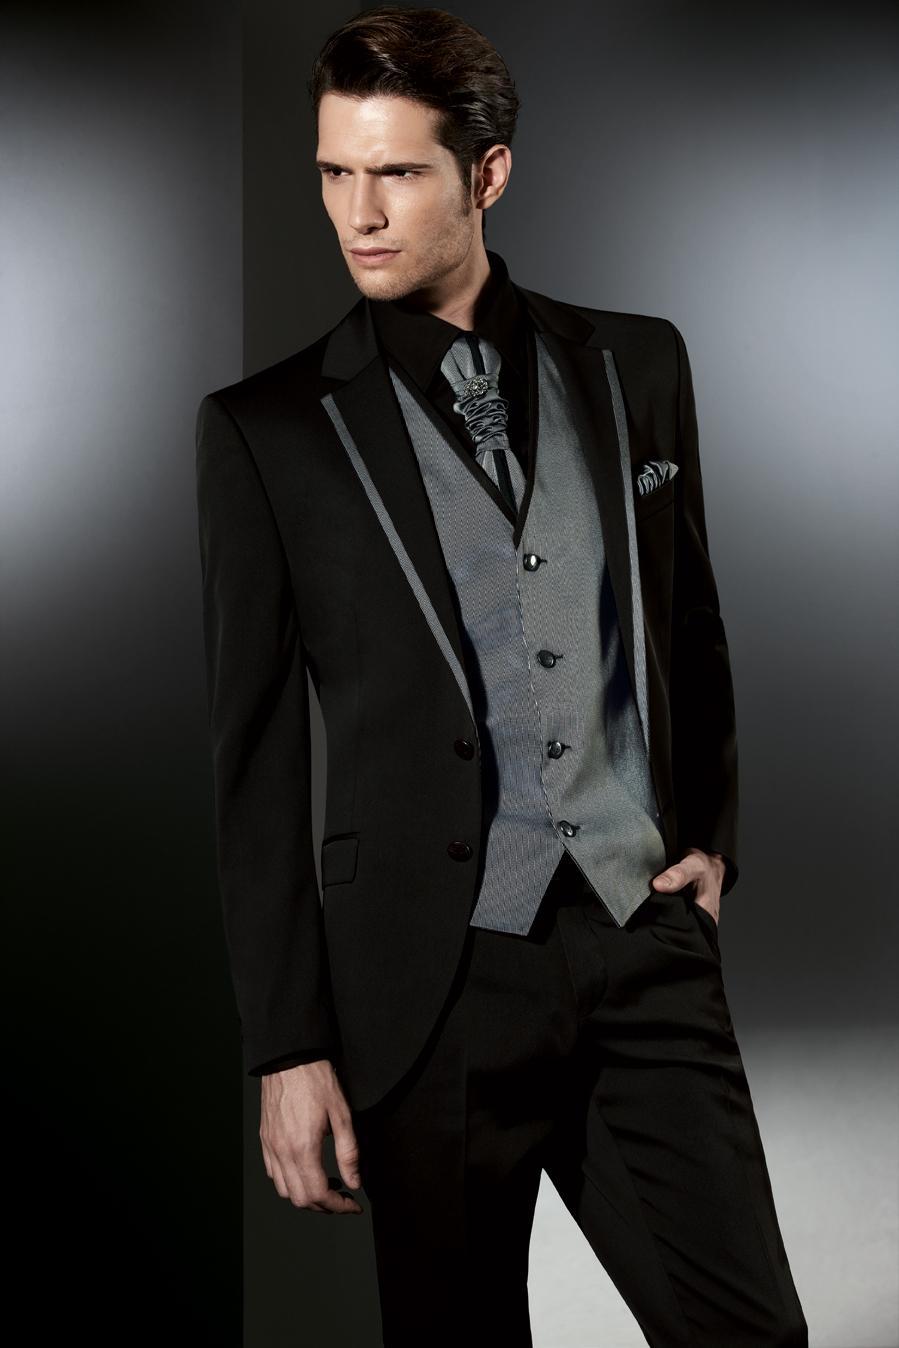 Black Men Tuxedos Notched Lapel Wedding Suits For Men Mens Suits Slim Fit  Two Buttons Formal Groomsmen Suit Jacket+Pants+Vest+Tie Tuxedos for Men  Wedding ... bb9e60d9d1a